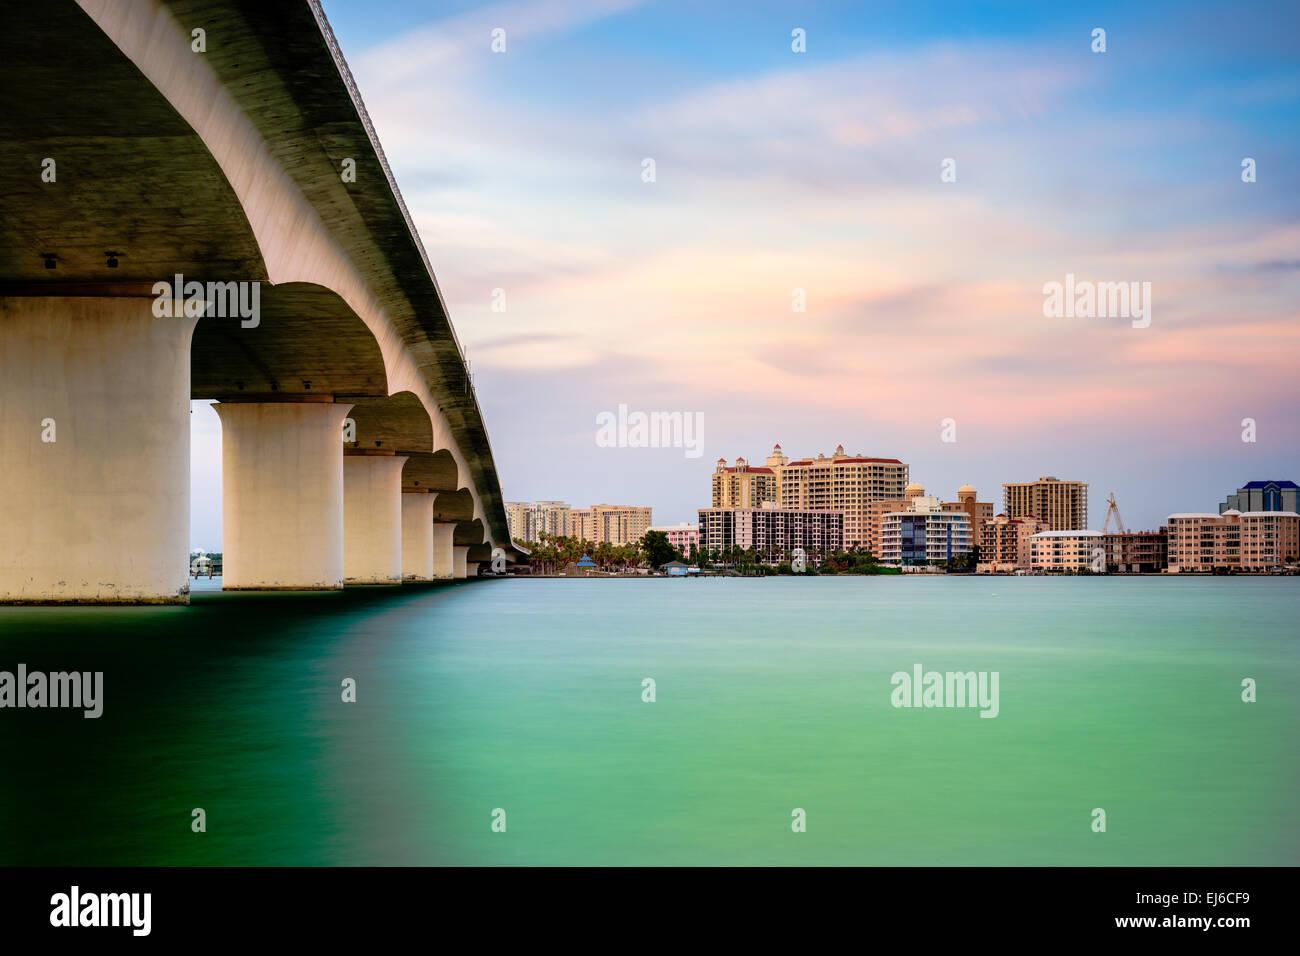 Sarasota, Florida, USA town cityscape from Sarasota Bay. - Stock Image